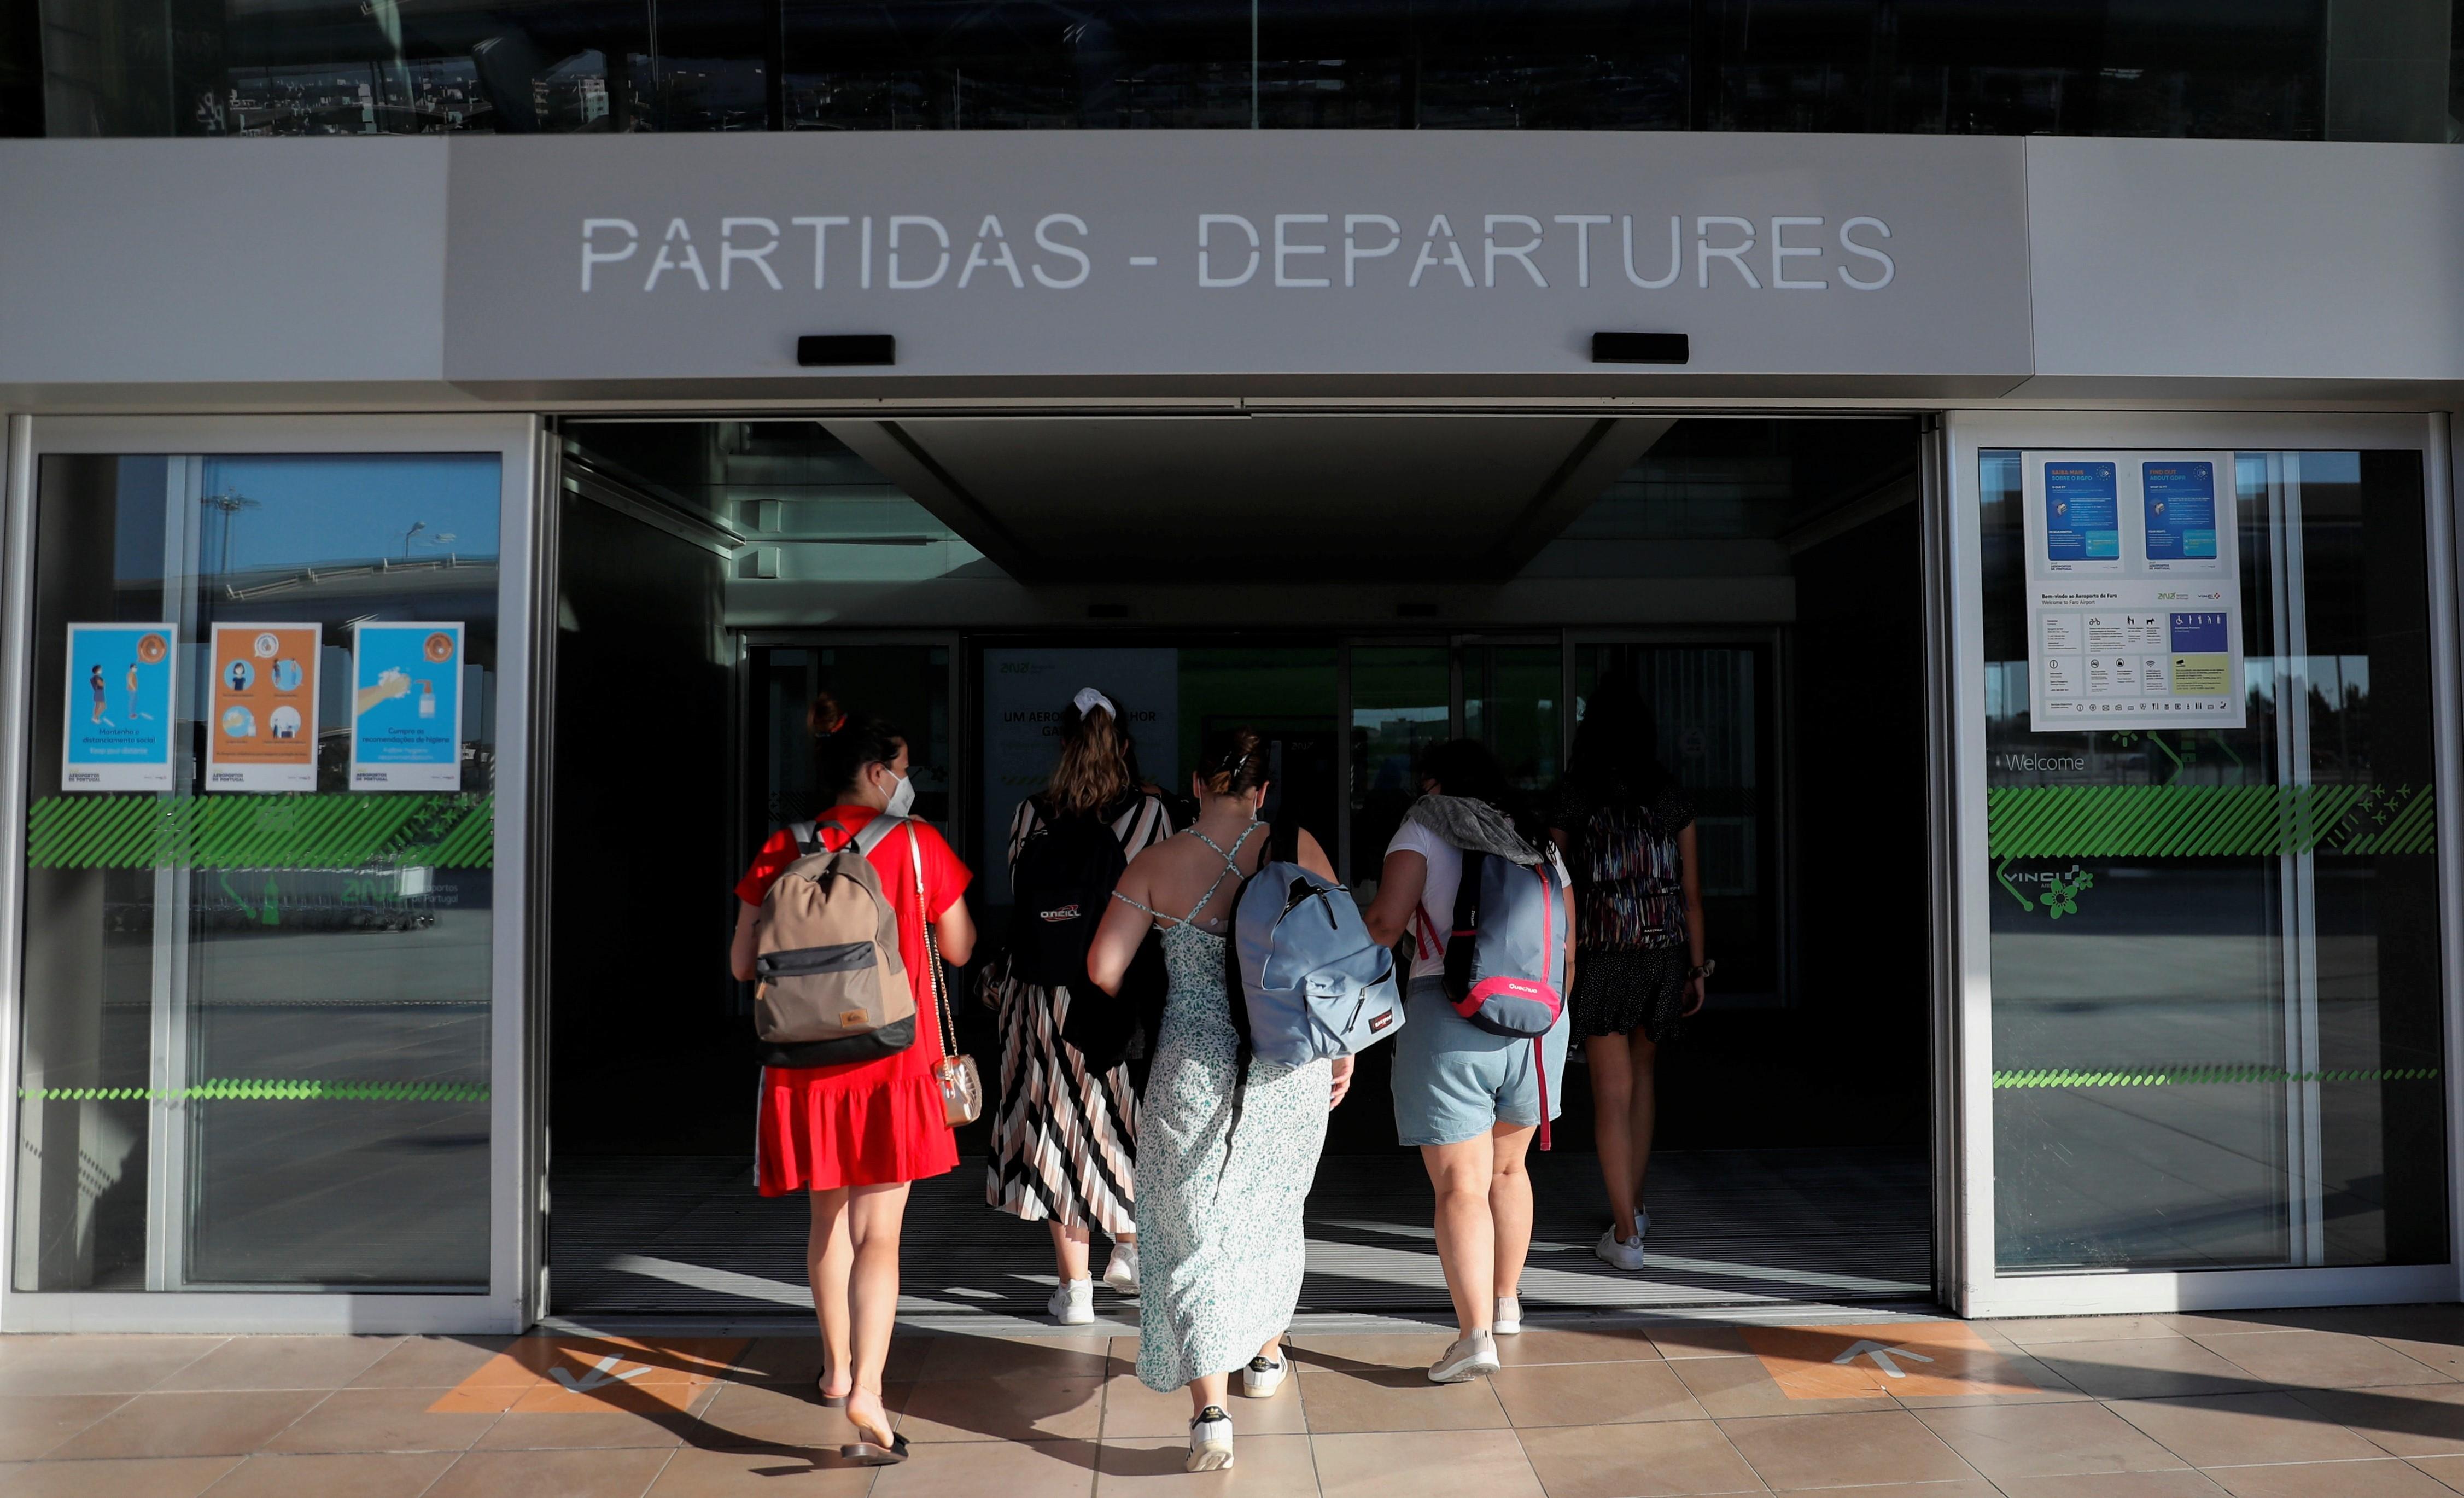 Passageiros no setor de embarque no aeroporto de Faro, em Portugal